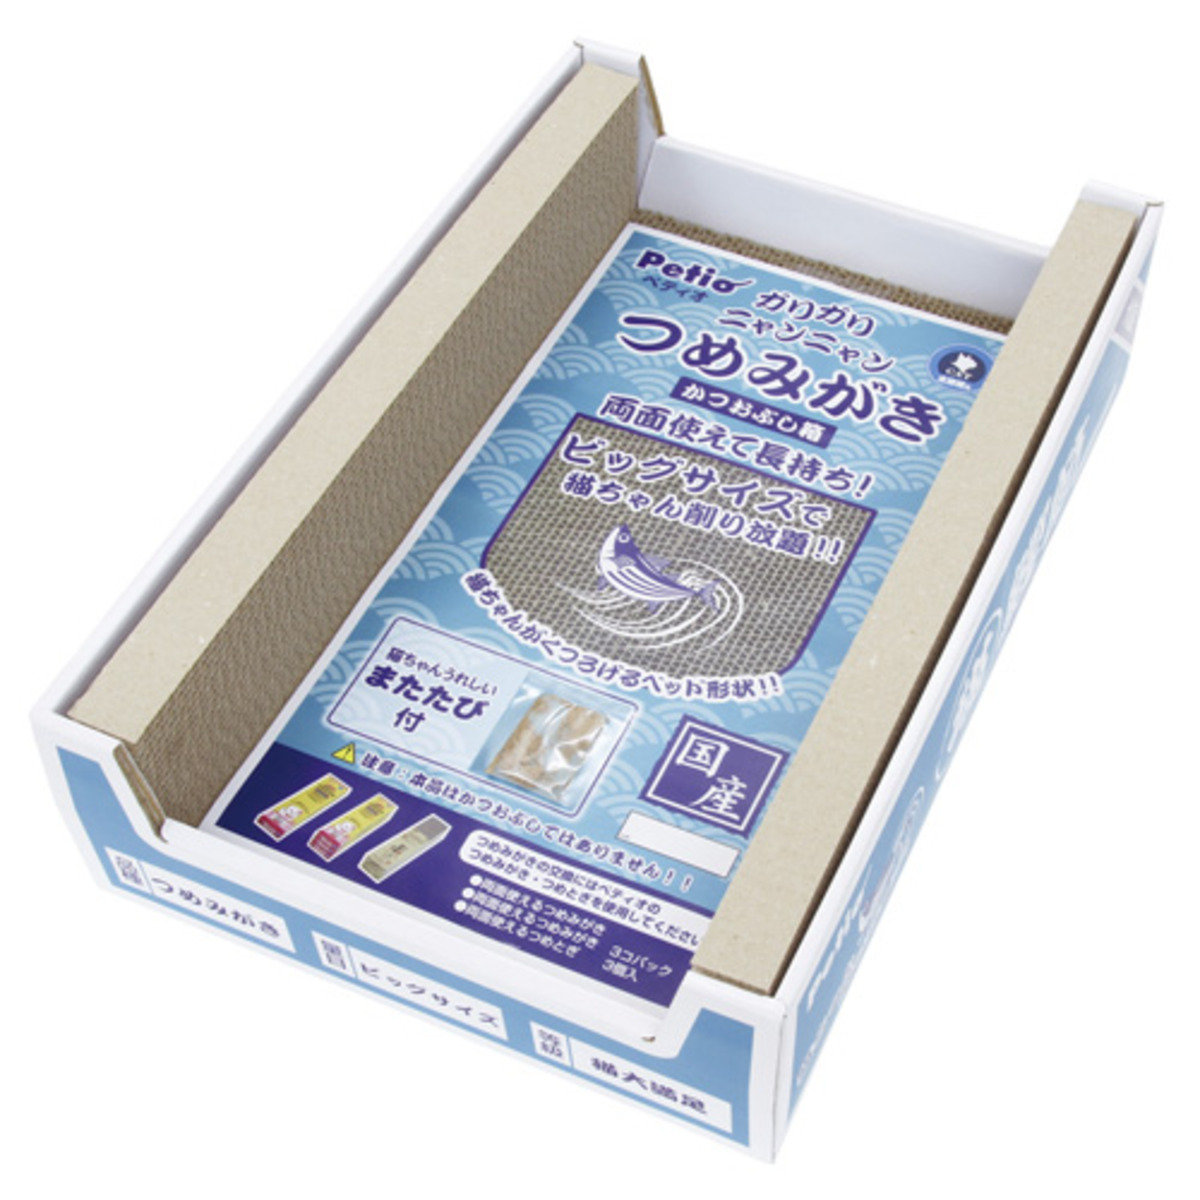 耐磨貓抓盒(W24996)